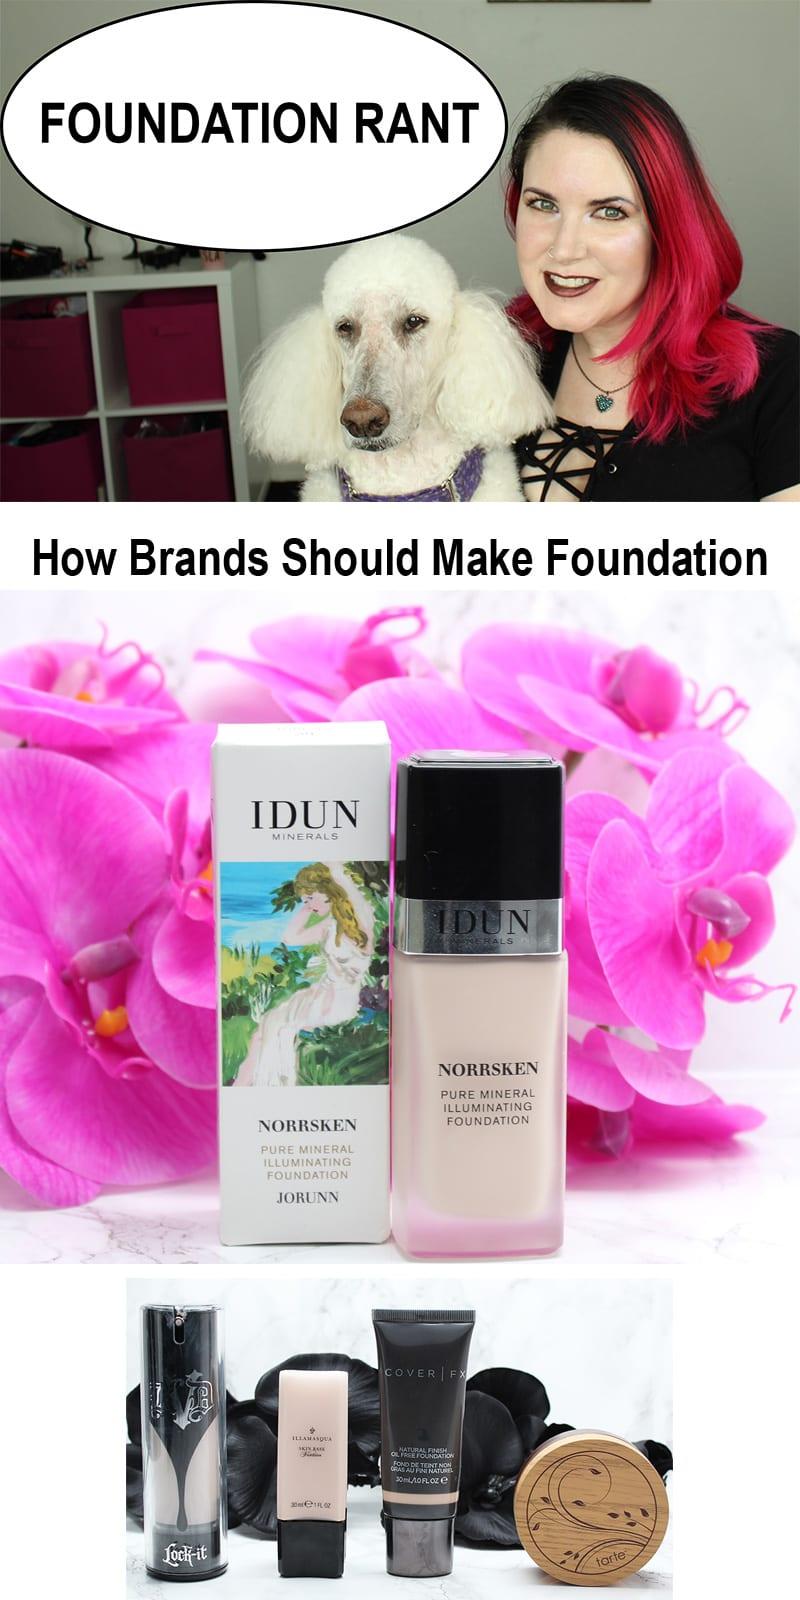 How Brands Should Make Foundation